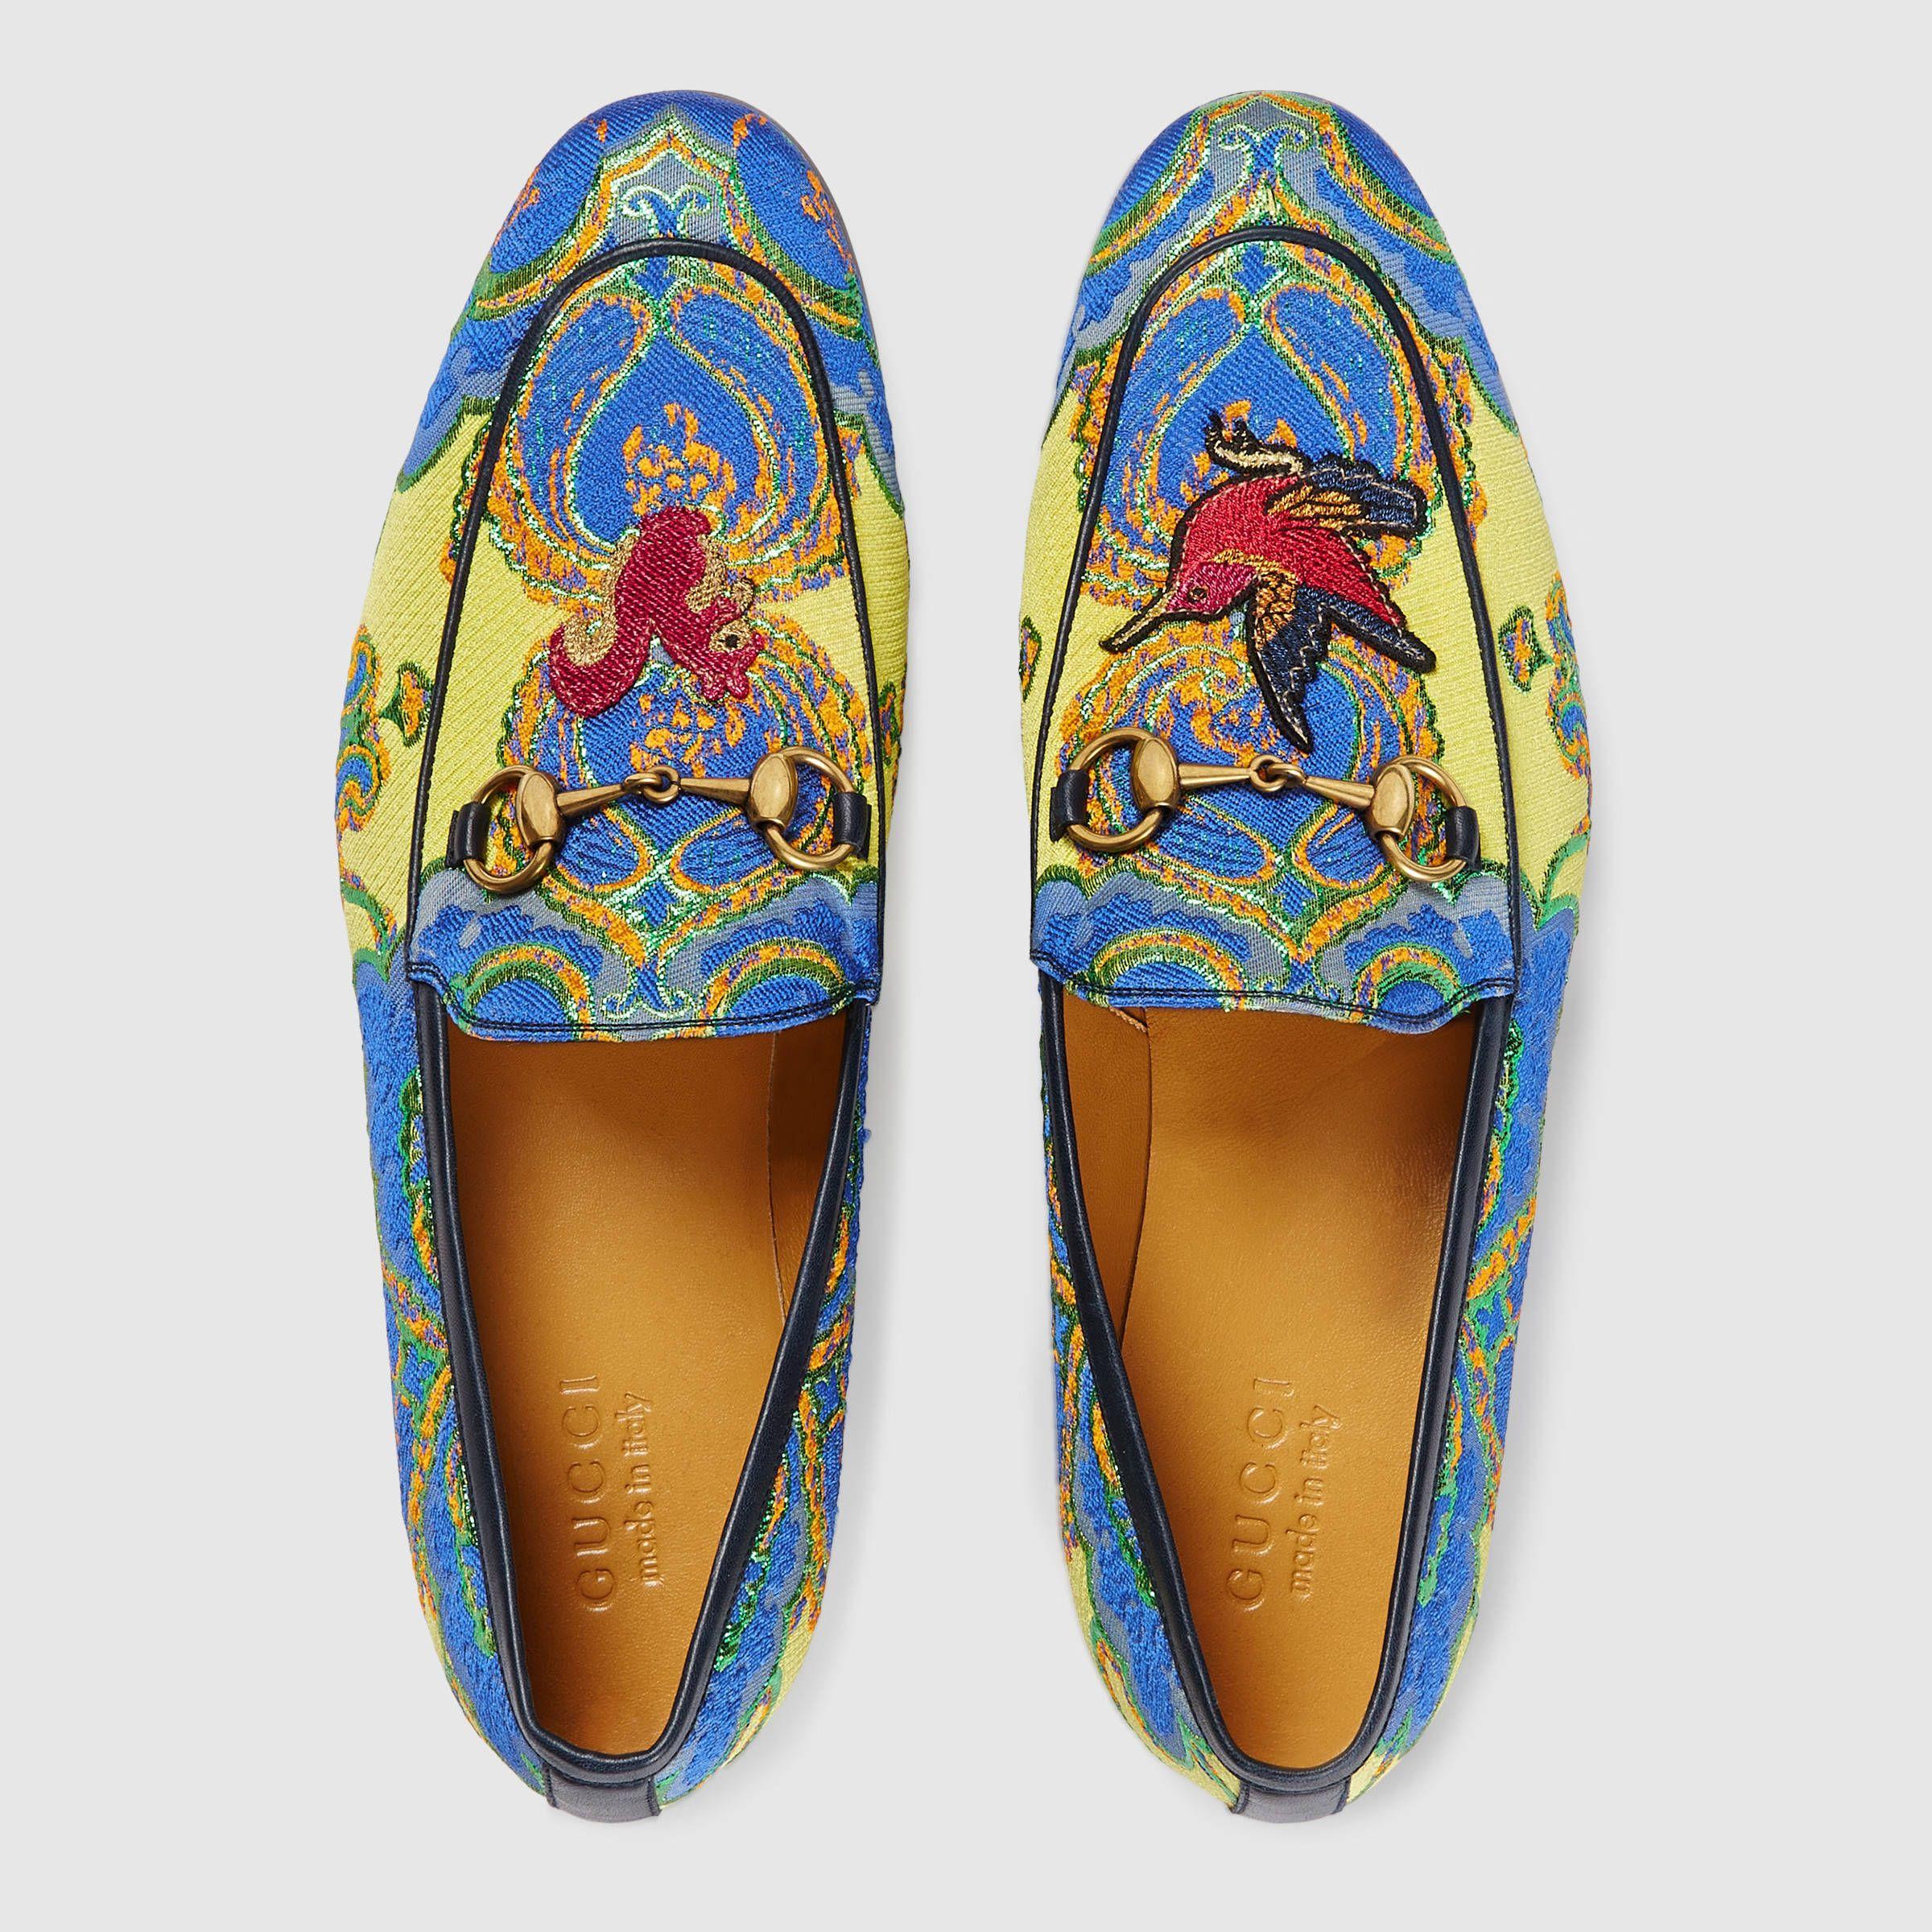 7a4af3c004c Gucci Men - Gucci Jordaan floral jacquard loafer - 431332KZ5707264 ...